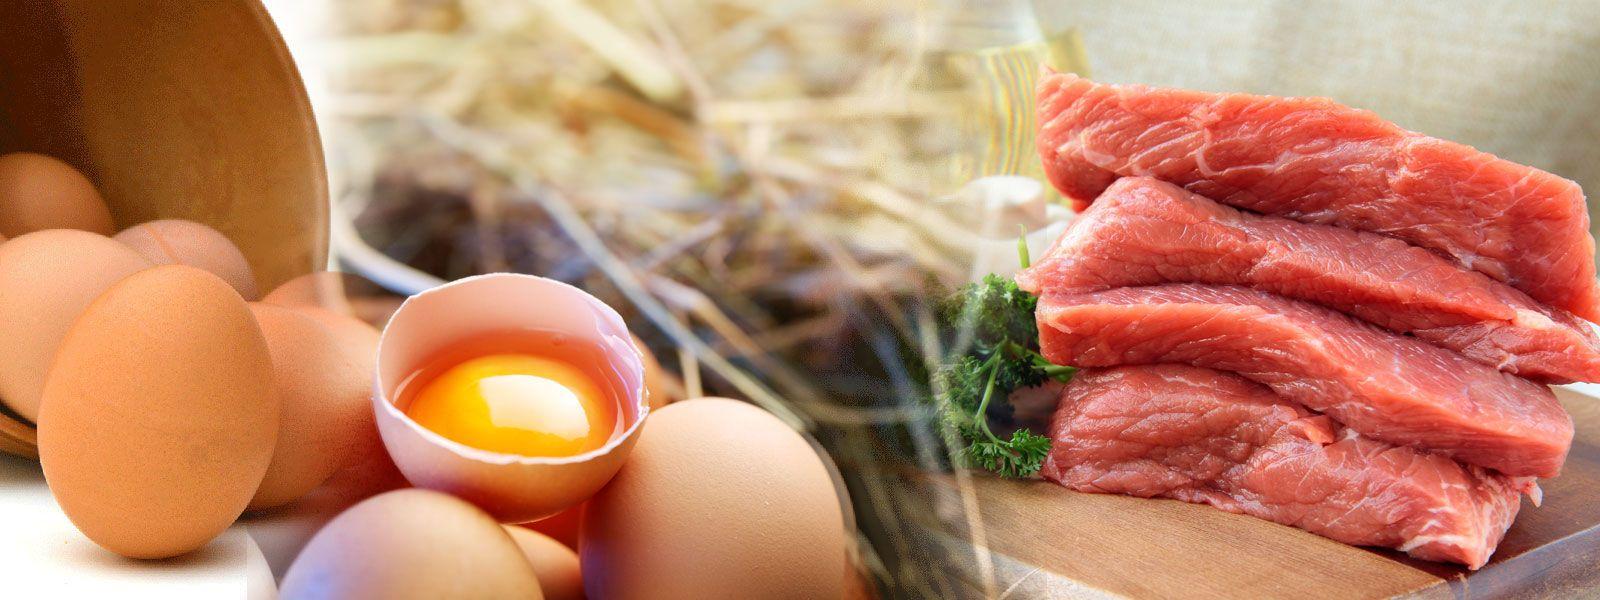 Кои са най-добриете предложения на суроватъчния протеин. Купи суроватъчен протеин на Топ Цена от fitnessdobavki.bg